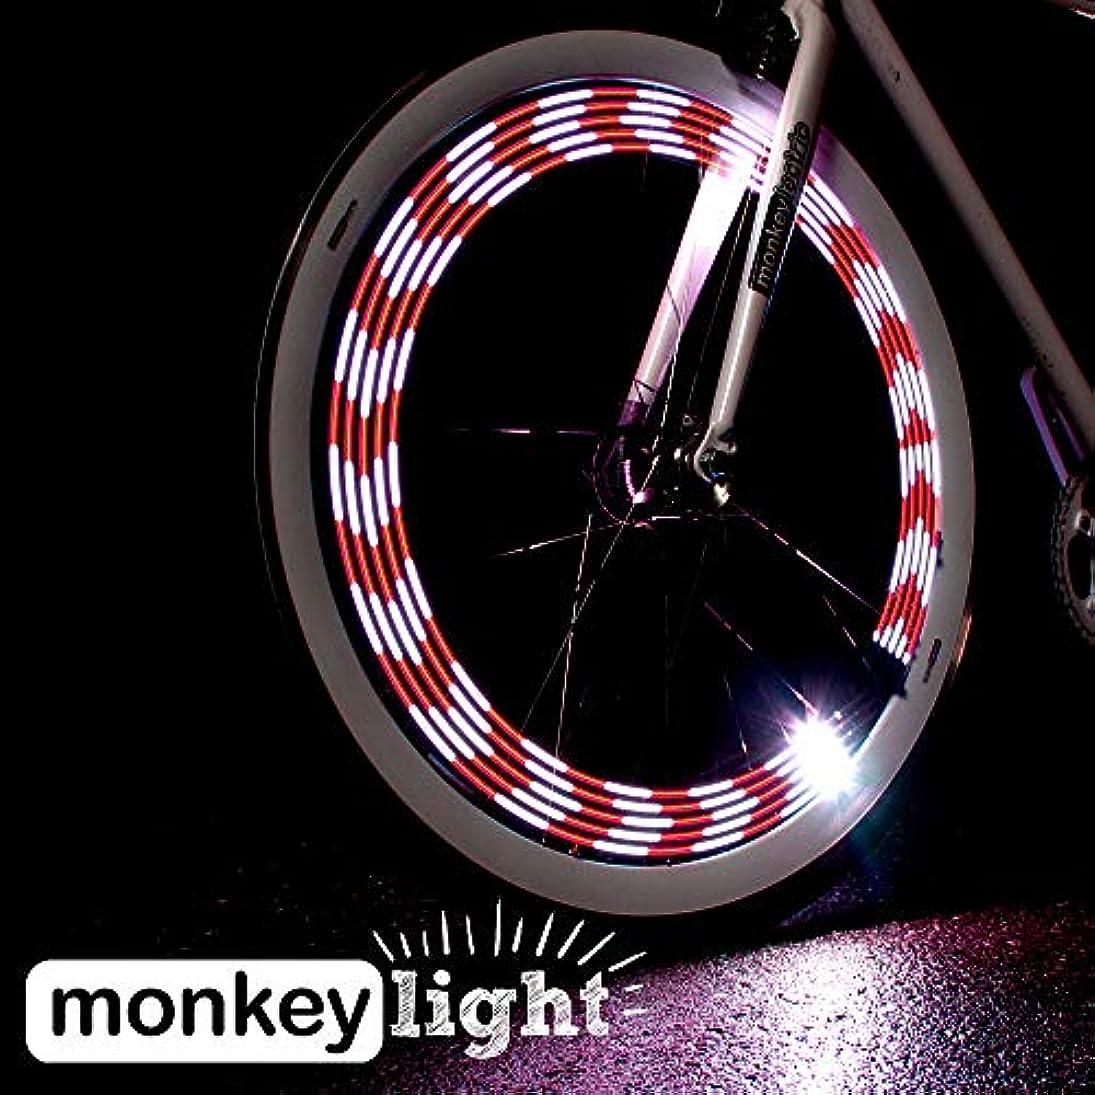 風が強い弁護農夫Monkey Light M210 モンキーライト / 80ルーメンの輝度と10フルカラーLED / 自転車用 LED ホイールライト